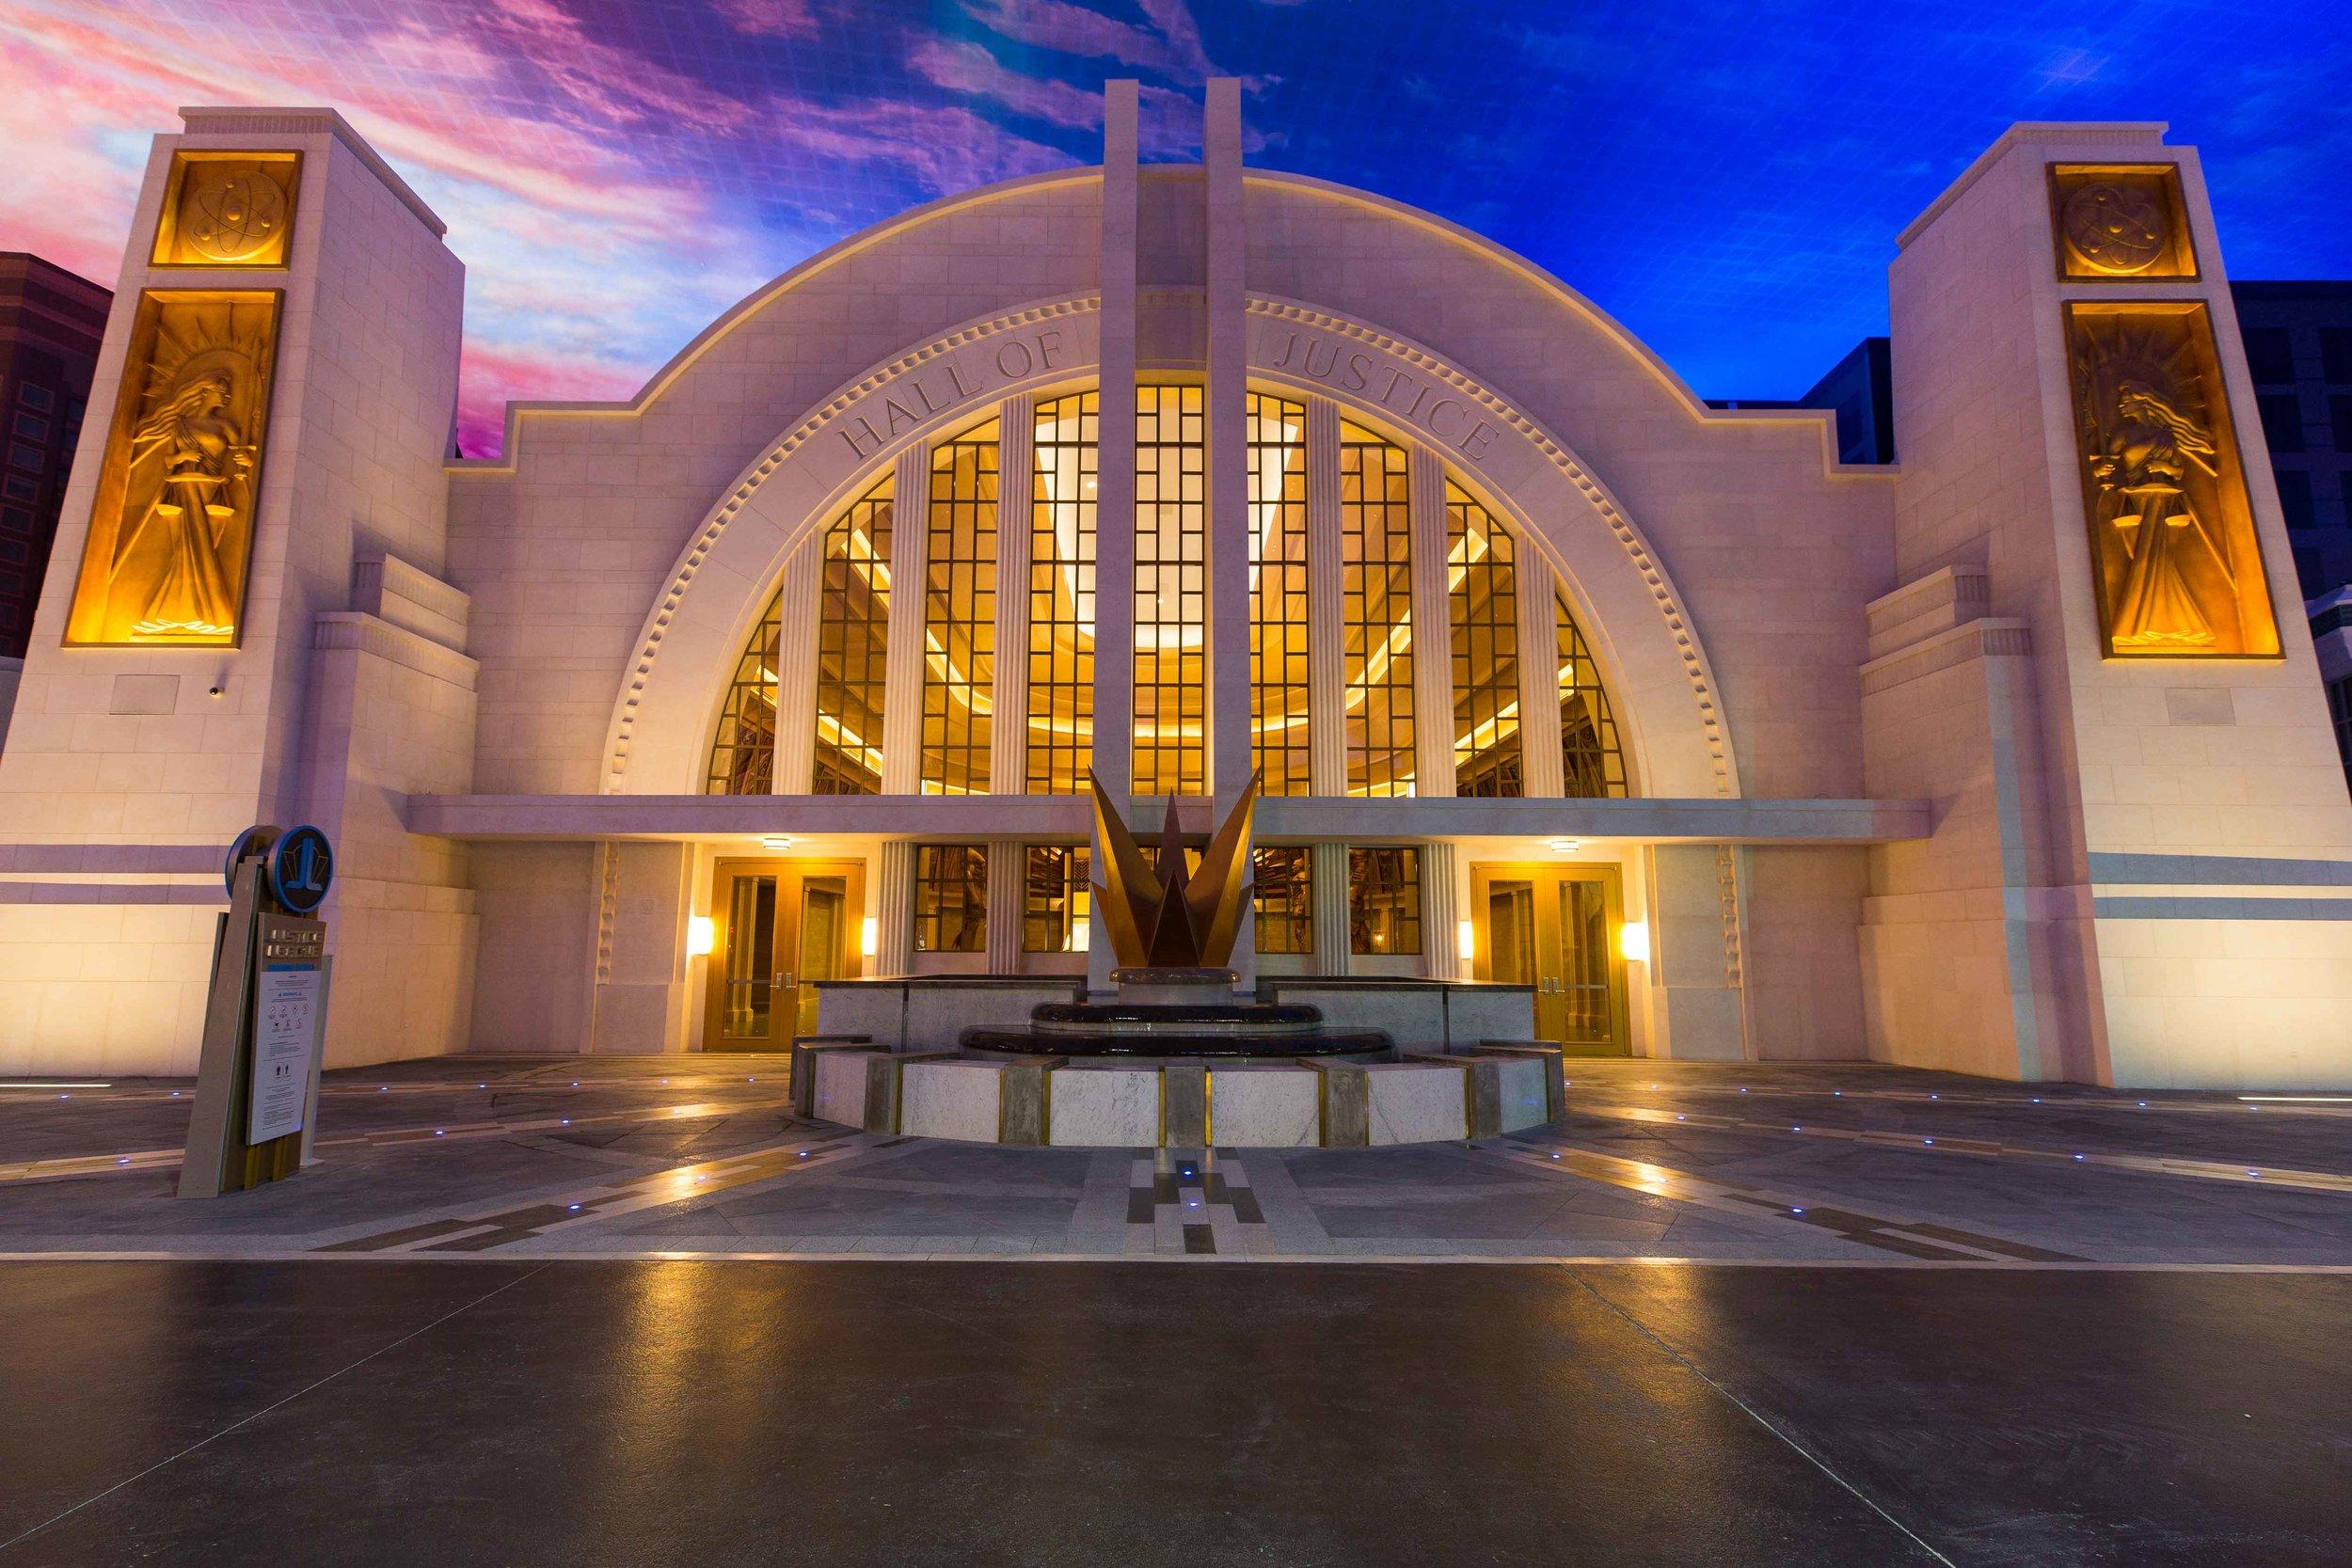 WBTP-Metropolis-JLA-Hall-of-Justice.jpg